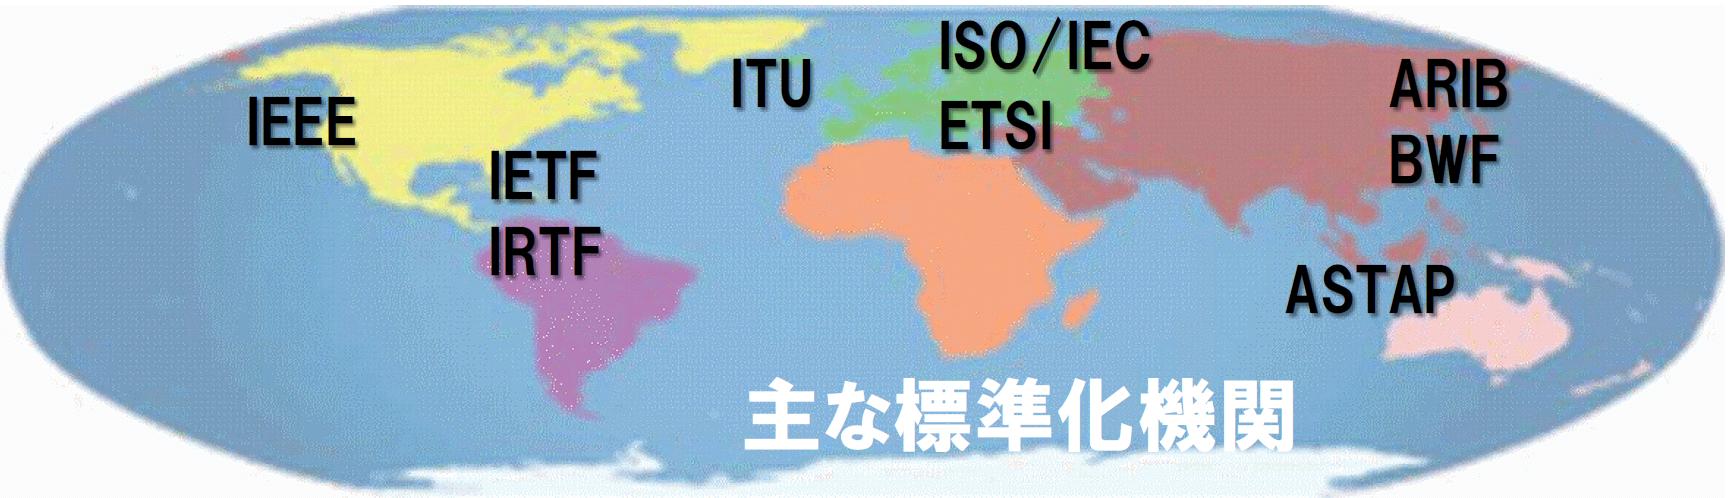 主な標準化機関の地域を示すマップ